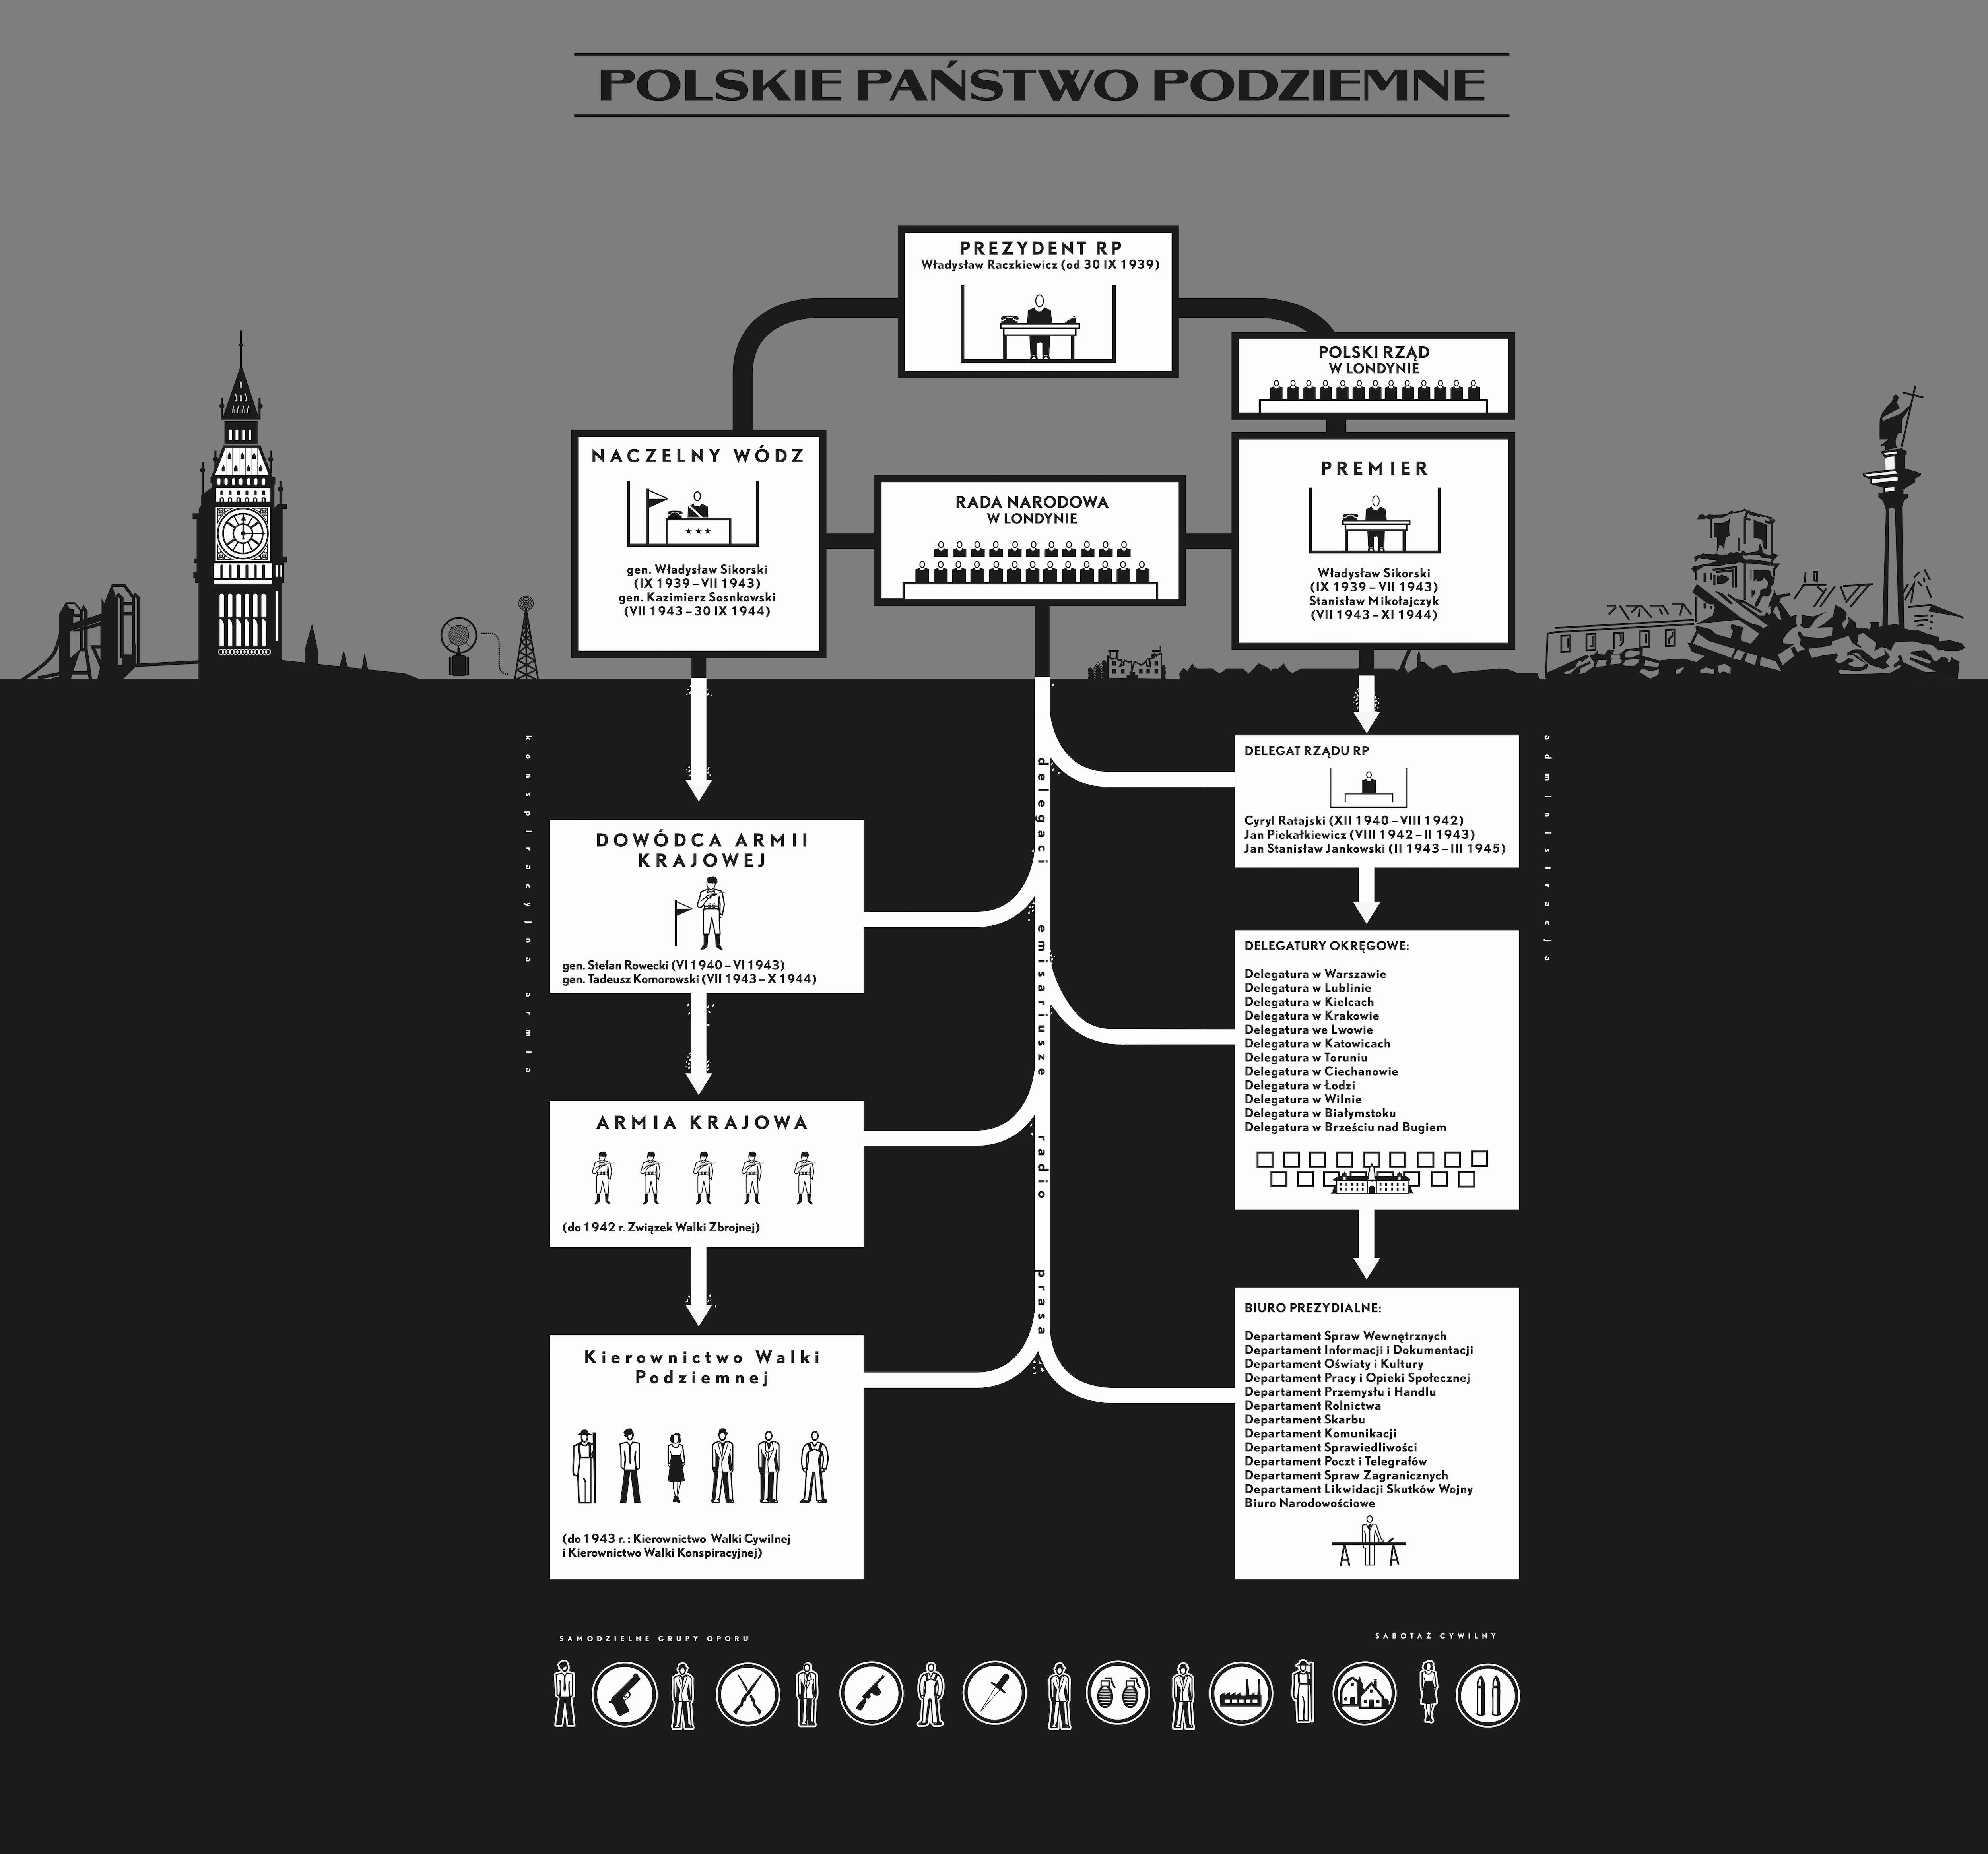 Schemat organizacyjny Polskiego Państwa Podziemnego